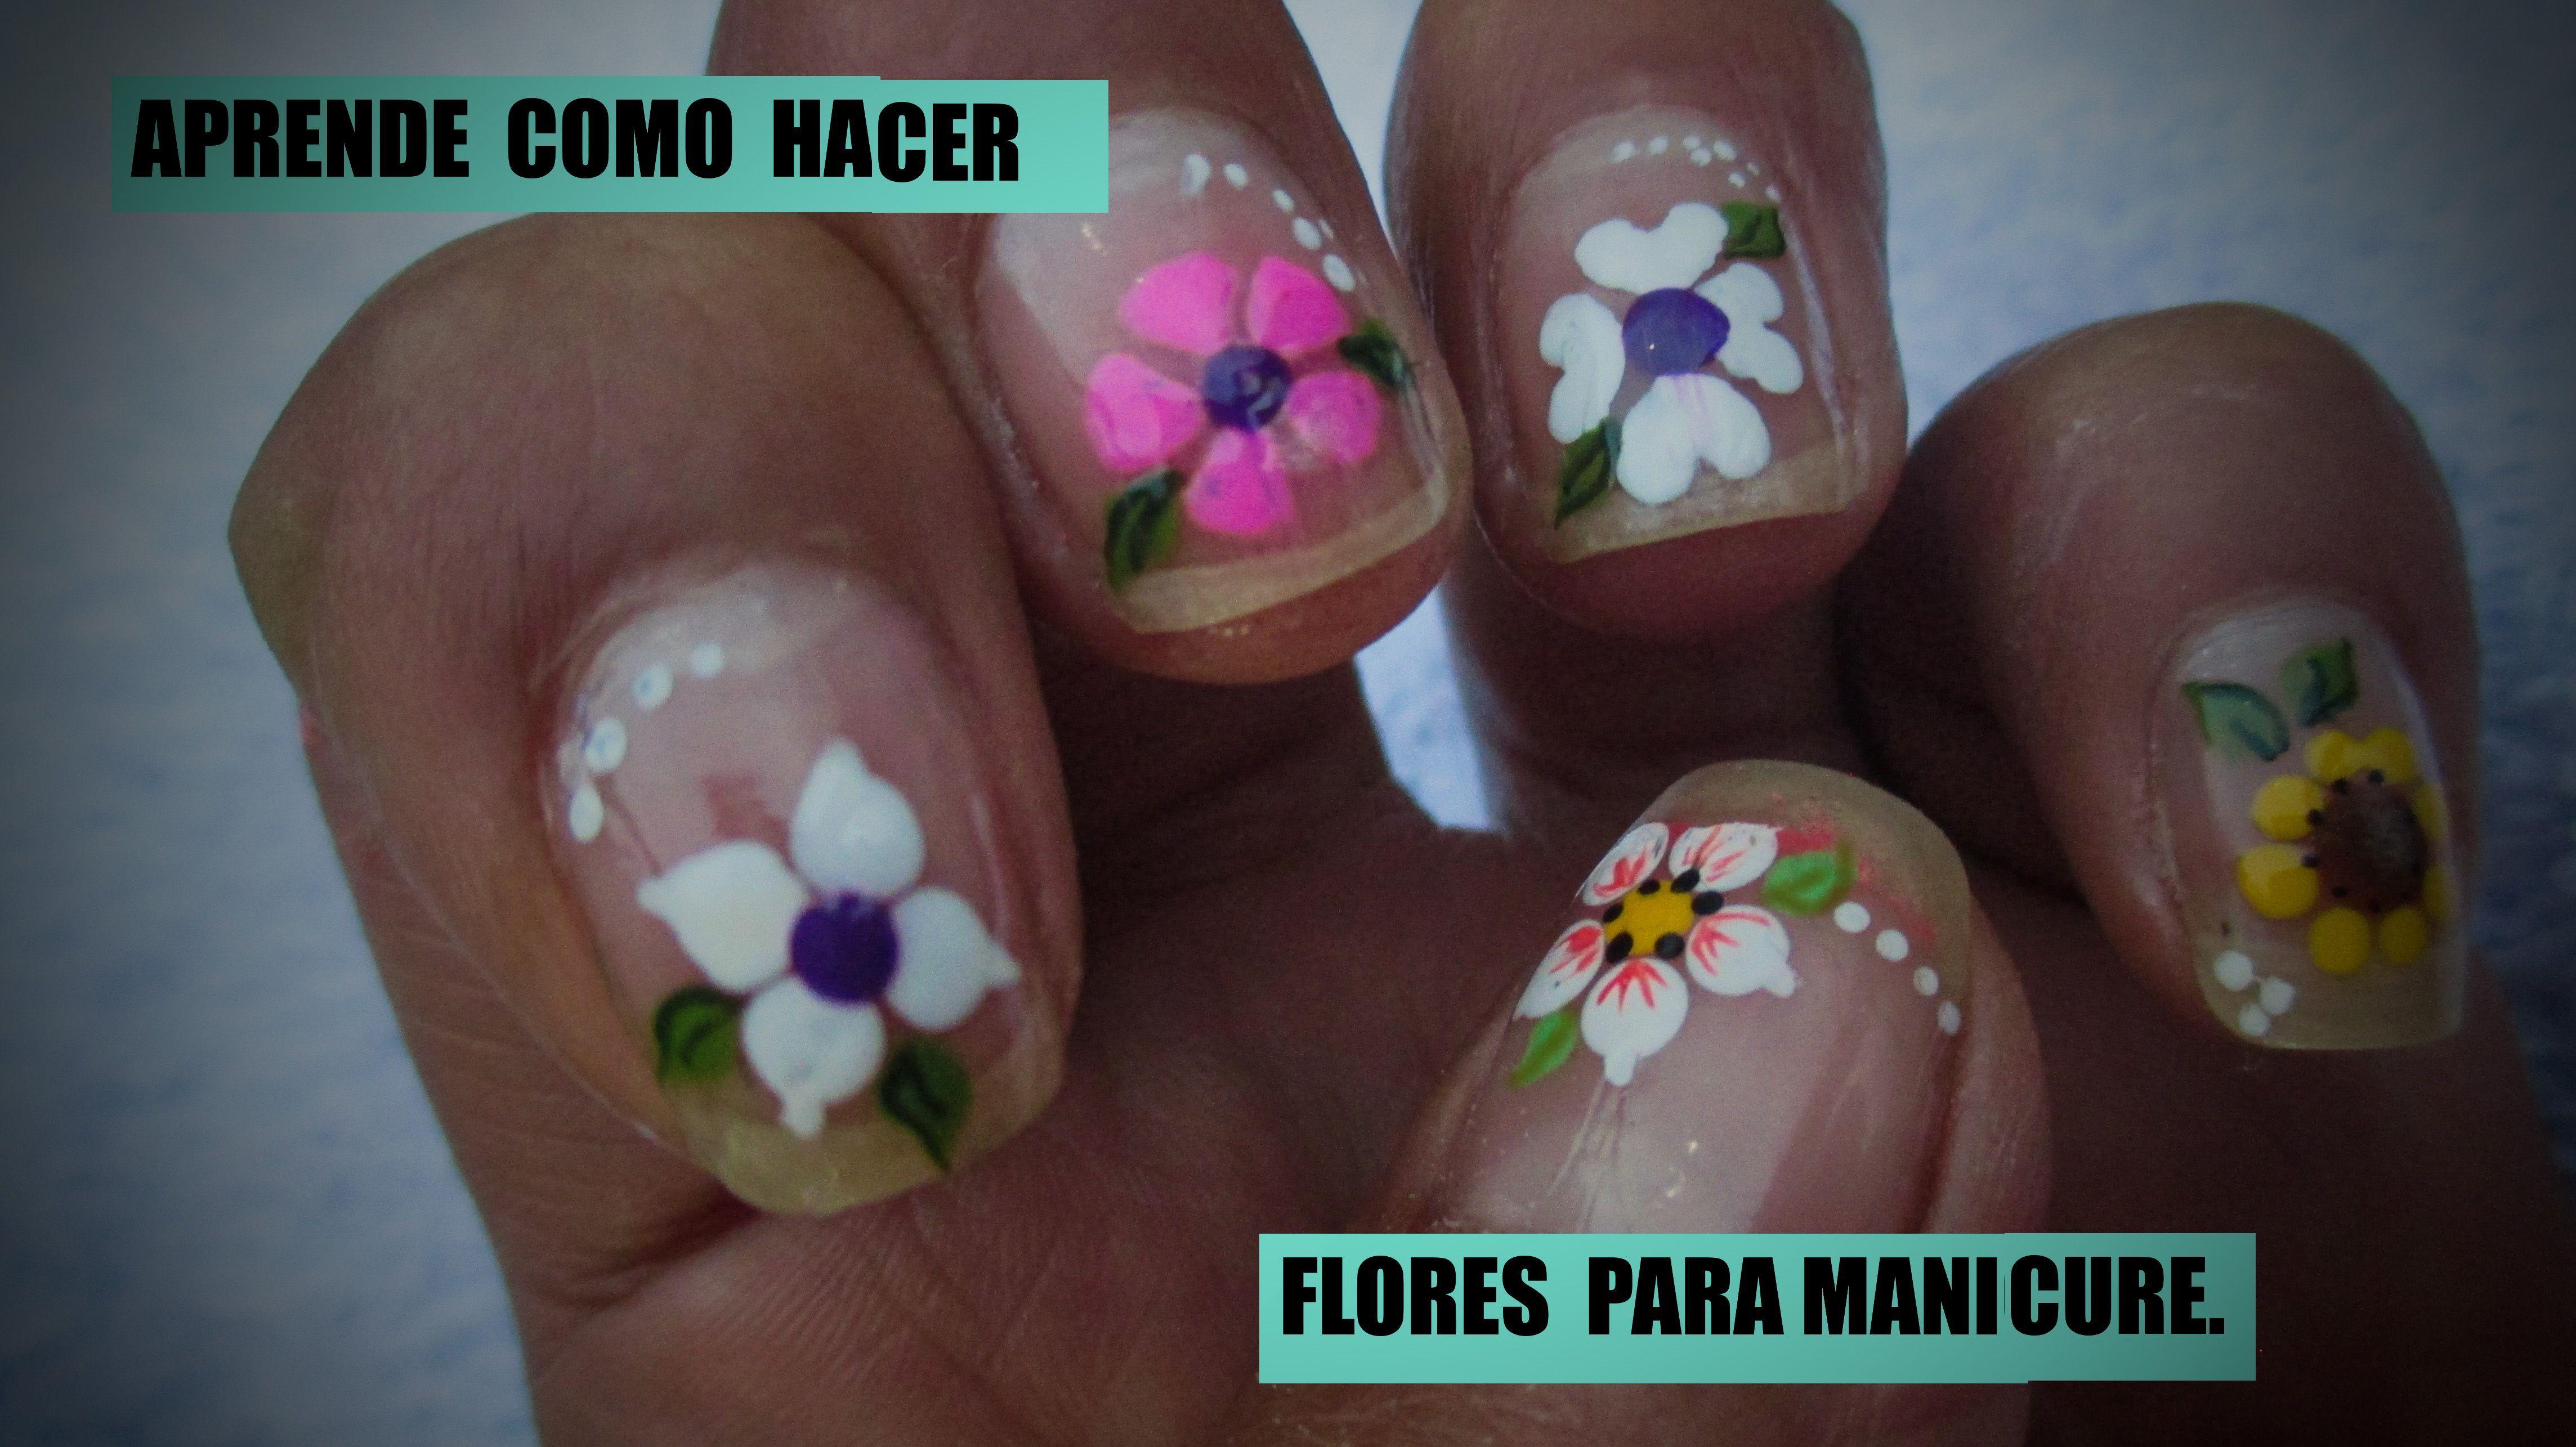 Manicura Aprende Basicas Flores Hacer Como Para Paso Tu Aaprende Como Hacer Flores Basicas Para Tu Manicura Manicure Manicure And Pedicure Toe Nails